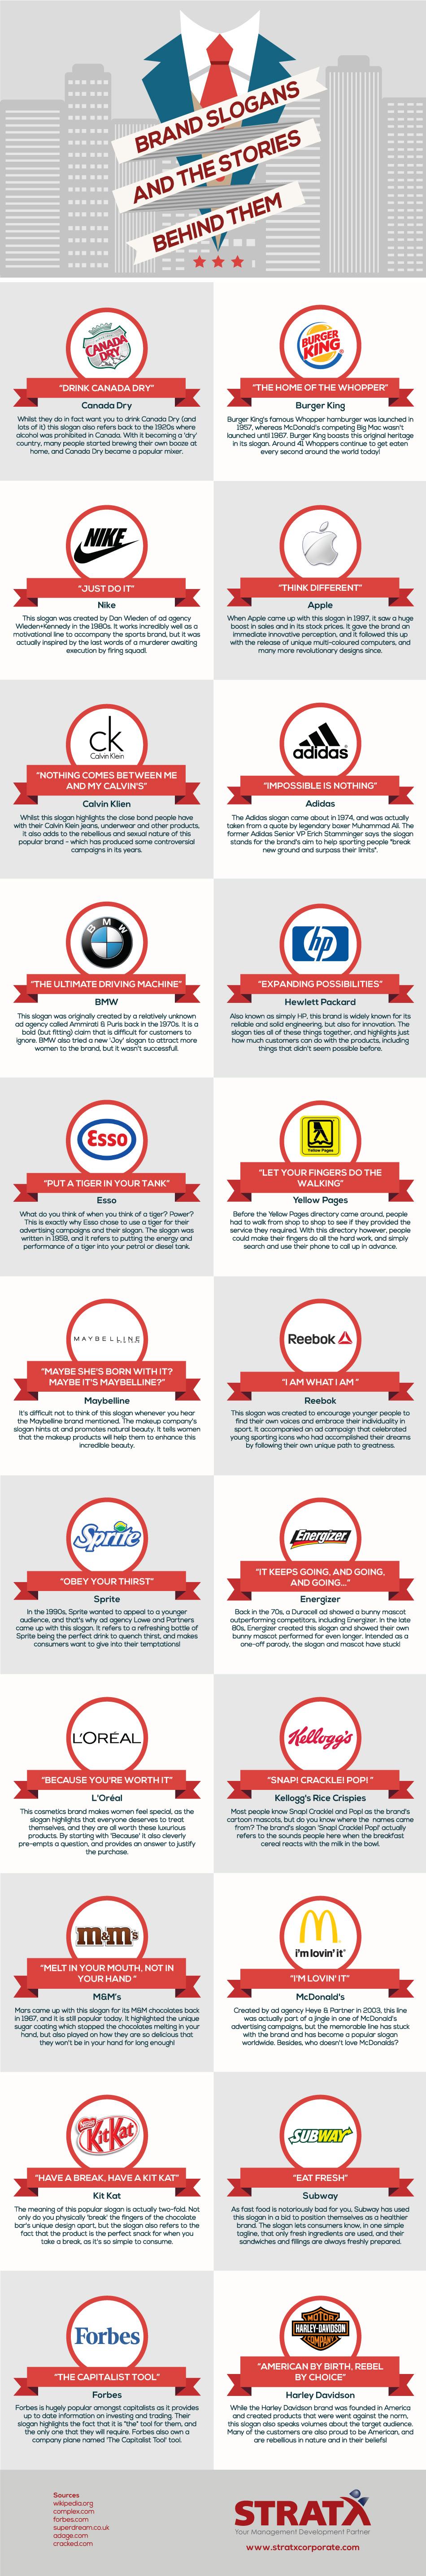 company slogans